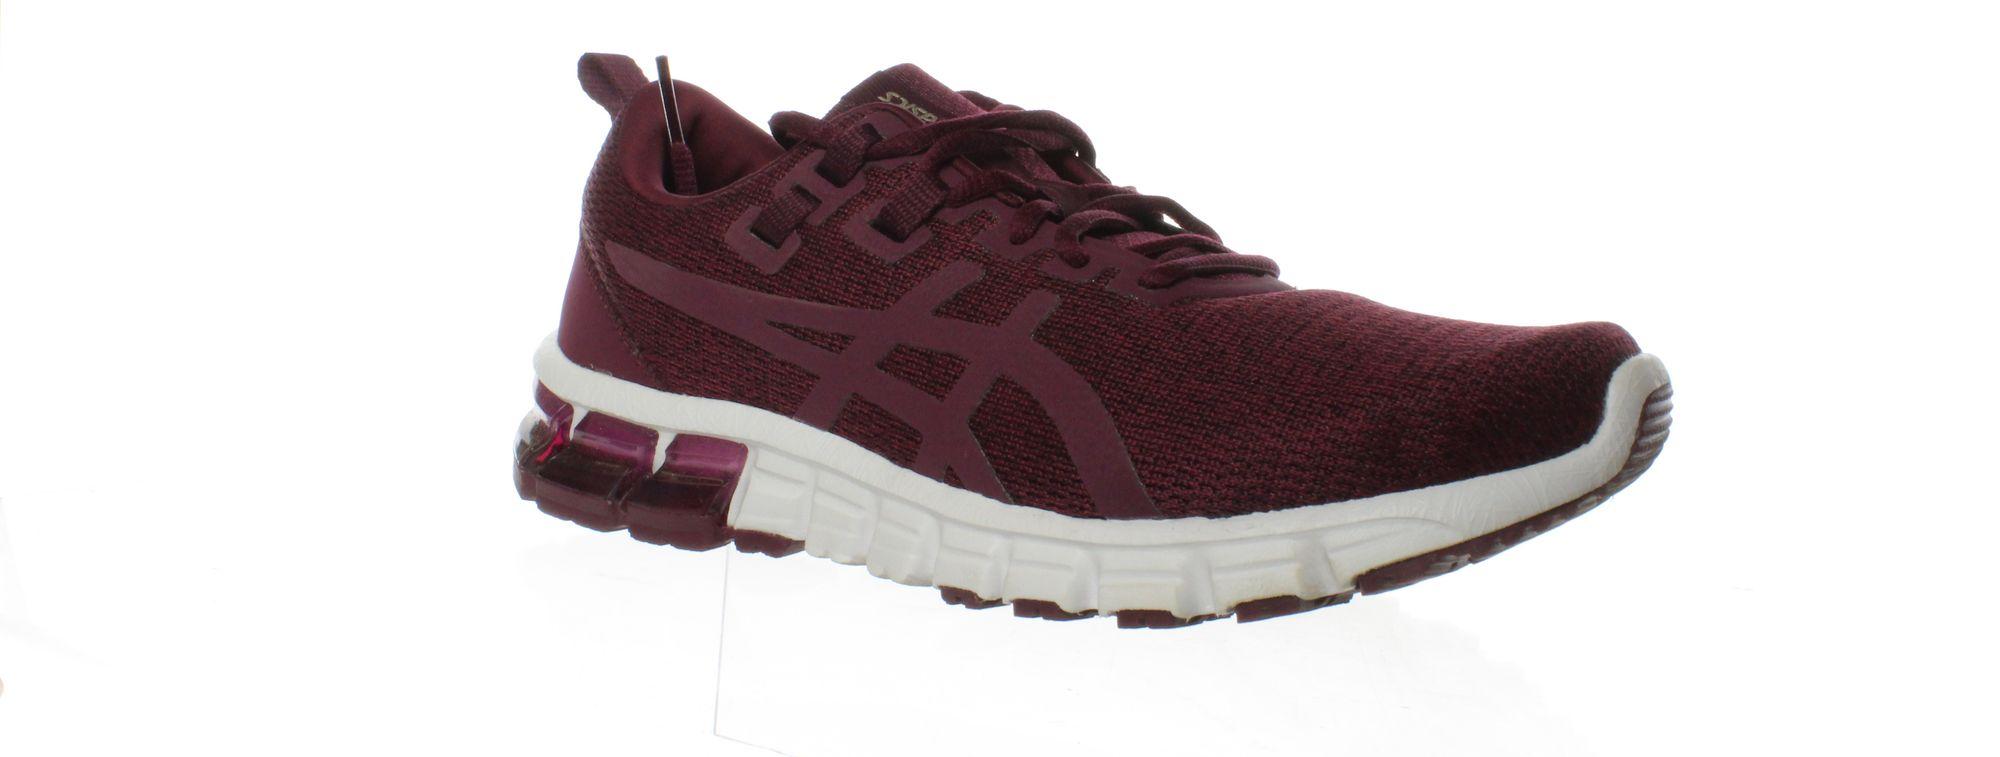 ASICS Gel-quantum 90 Running Shoe